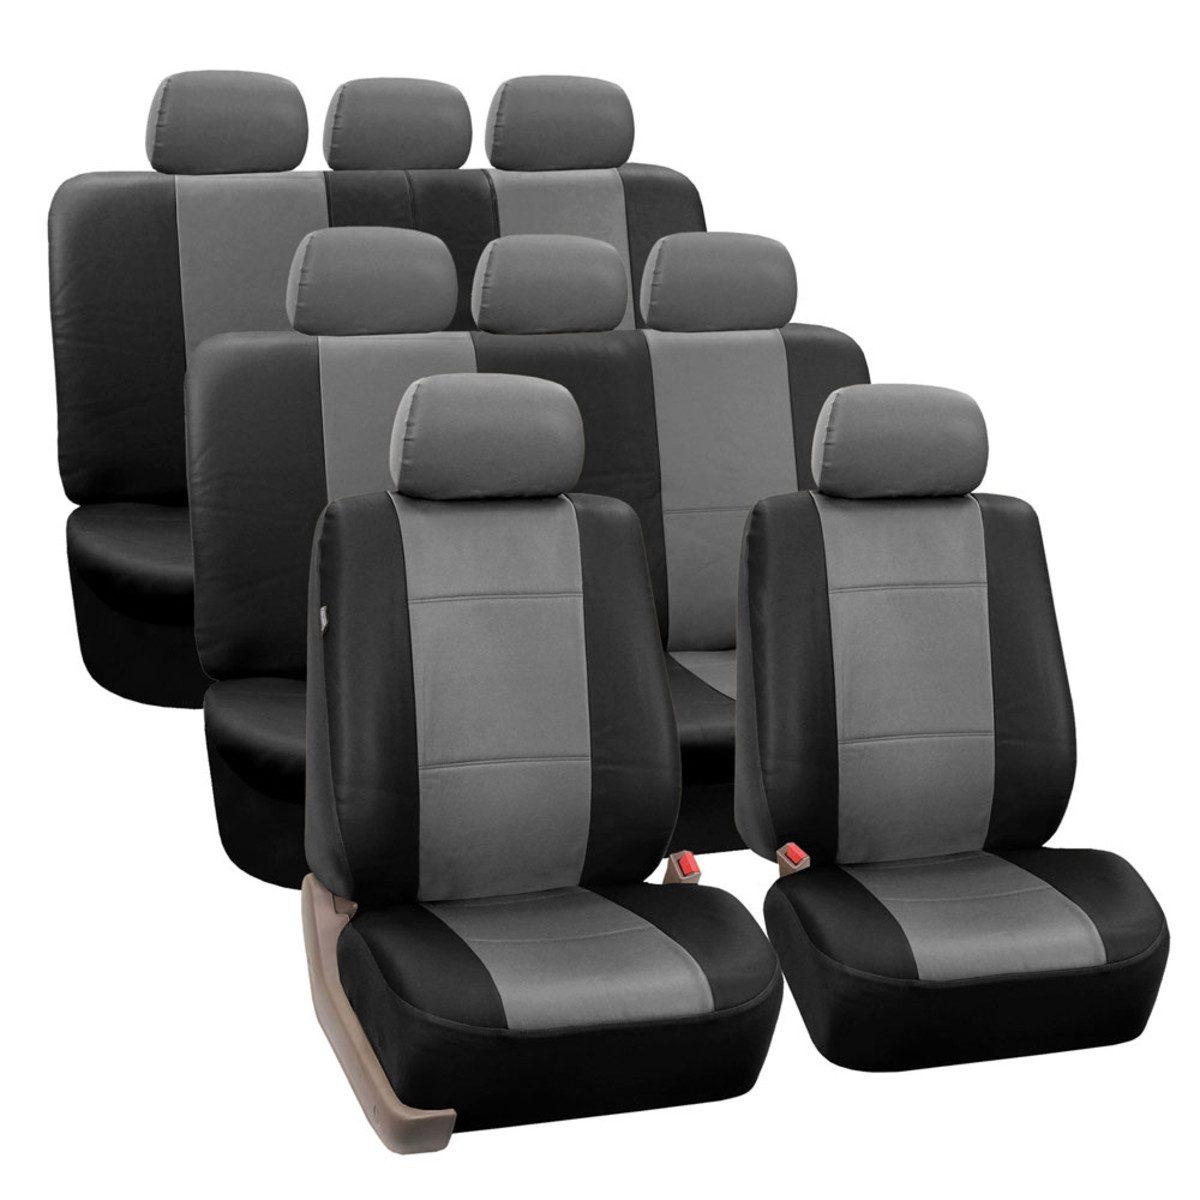 PU002128GRAYBLACK seat cover